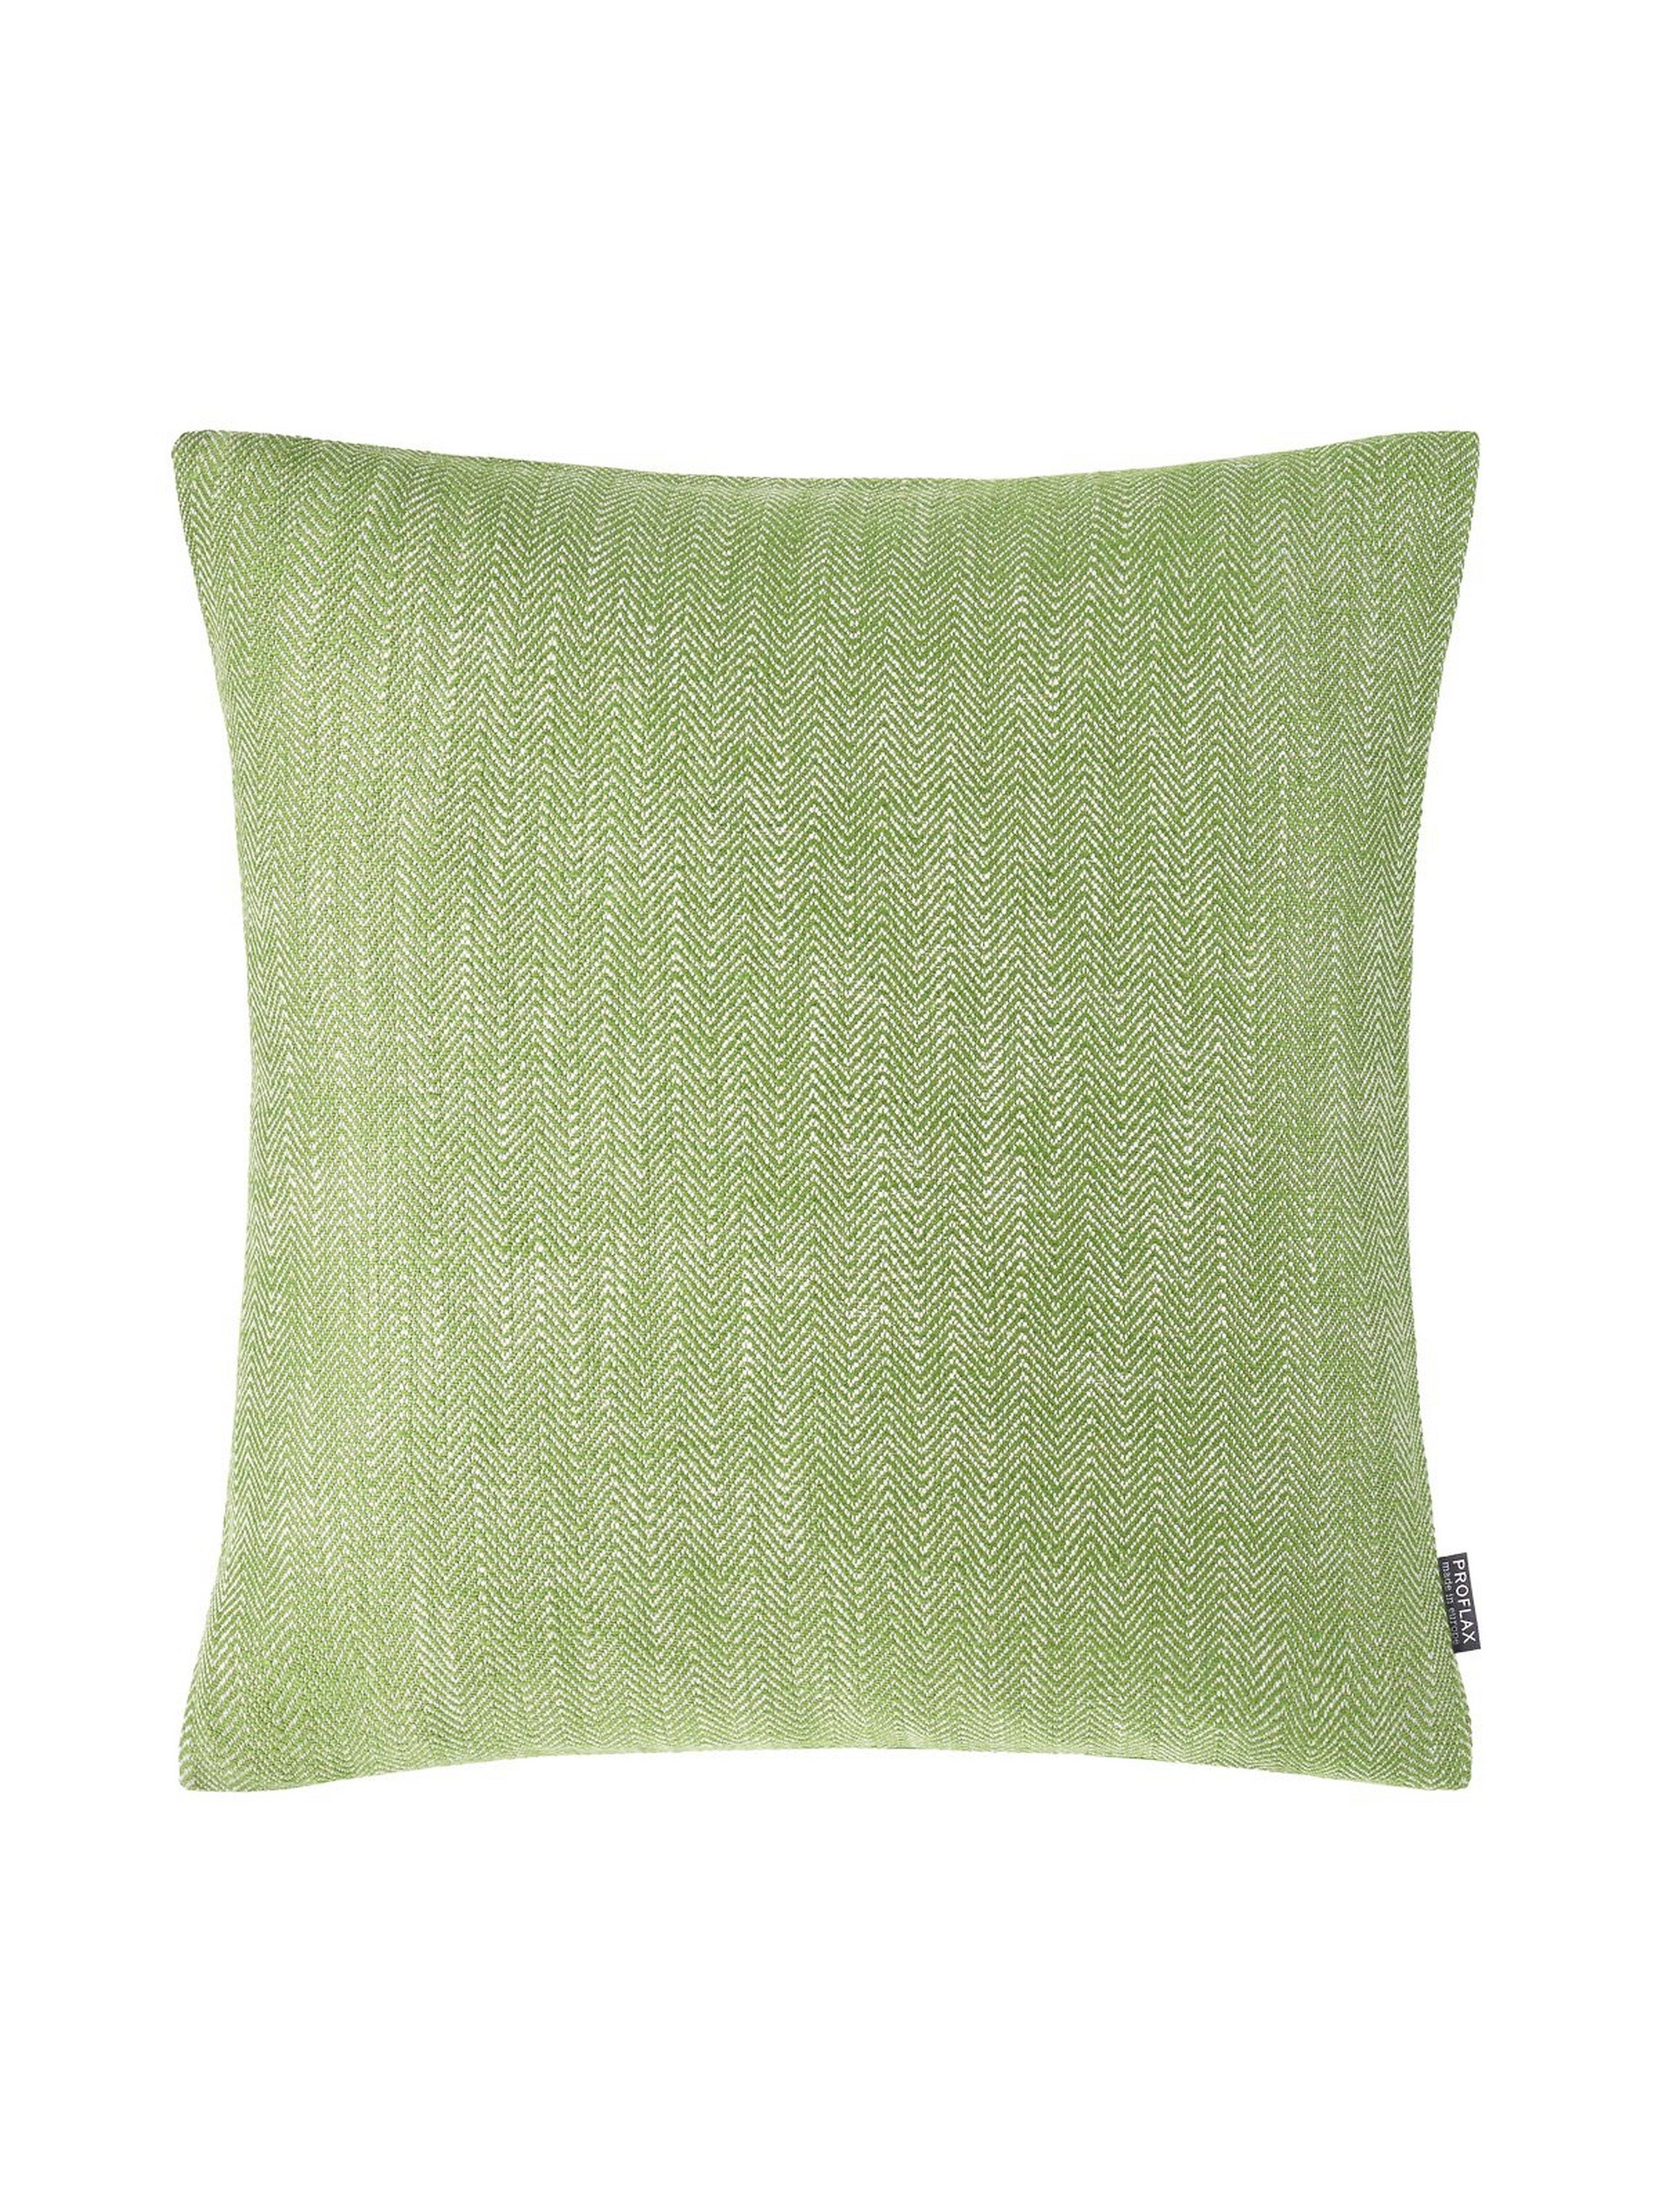 Kussenovertrek Comma, ca. 50x50 cm Van Proflax groen